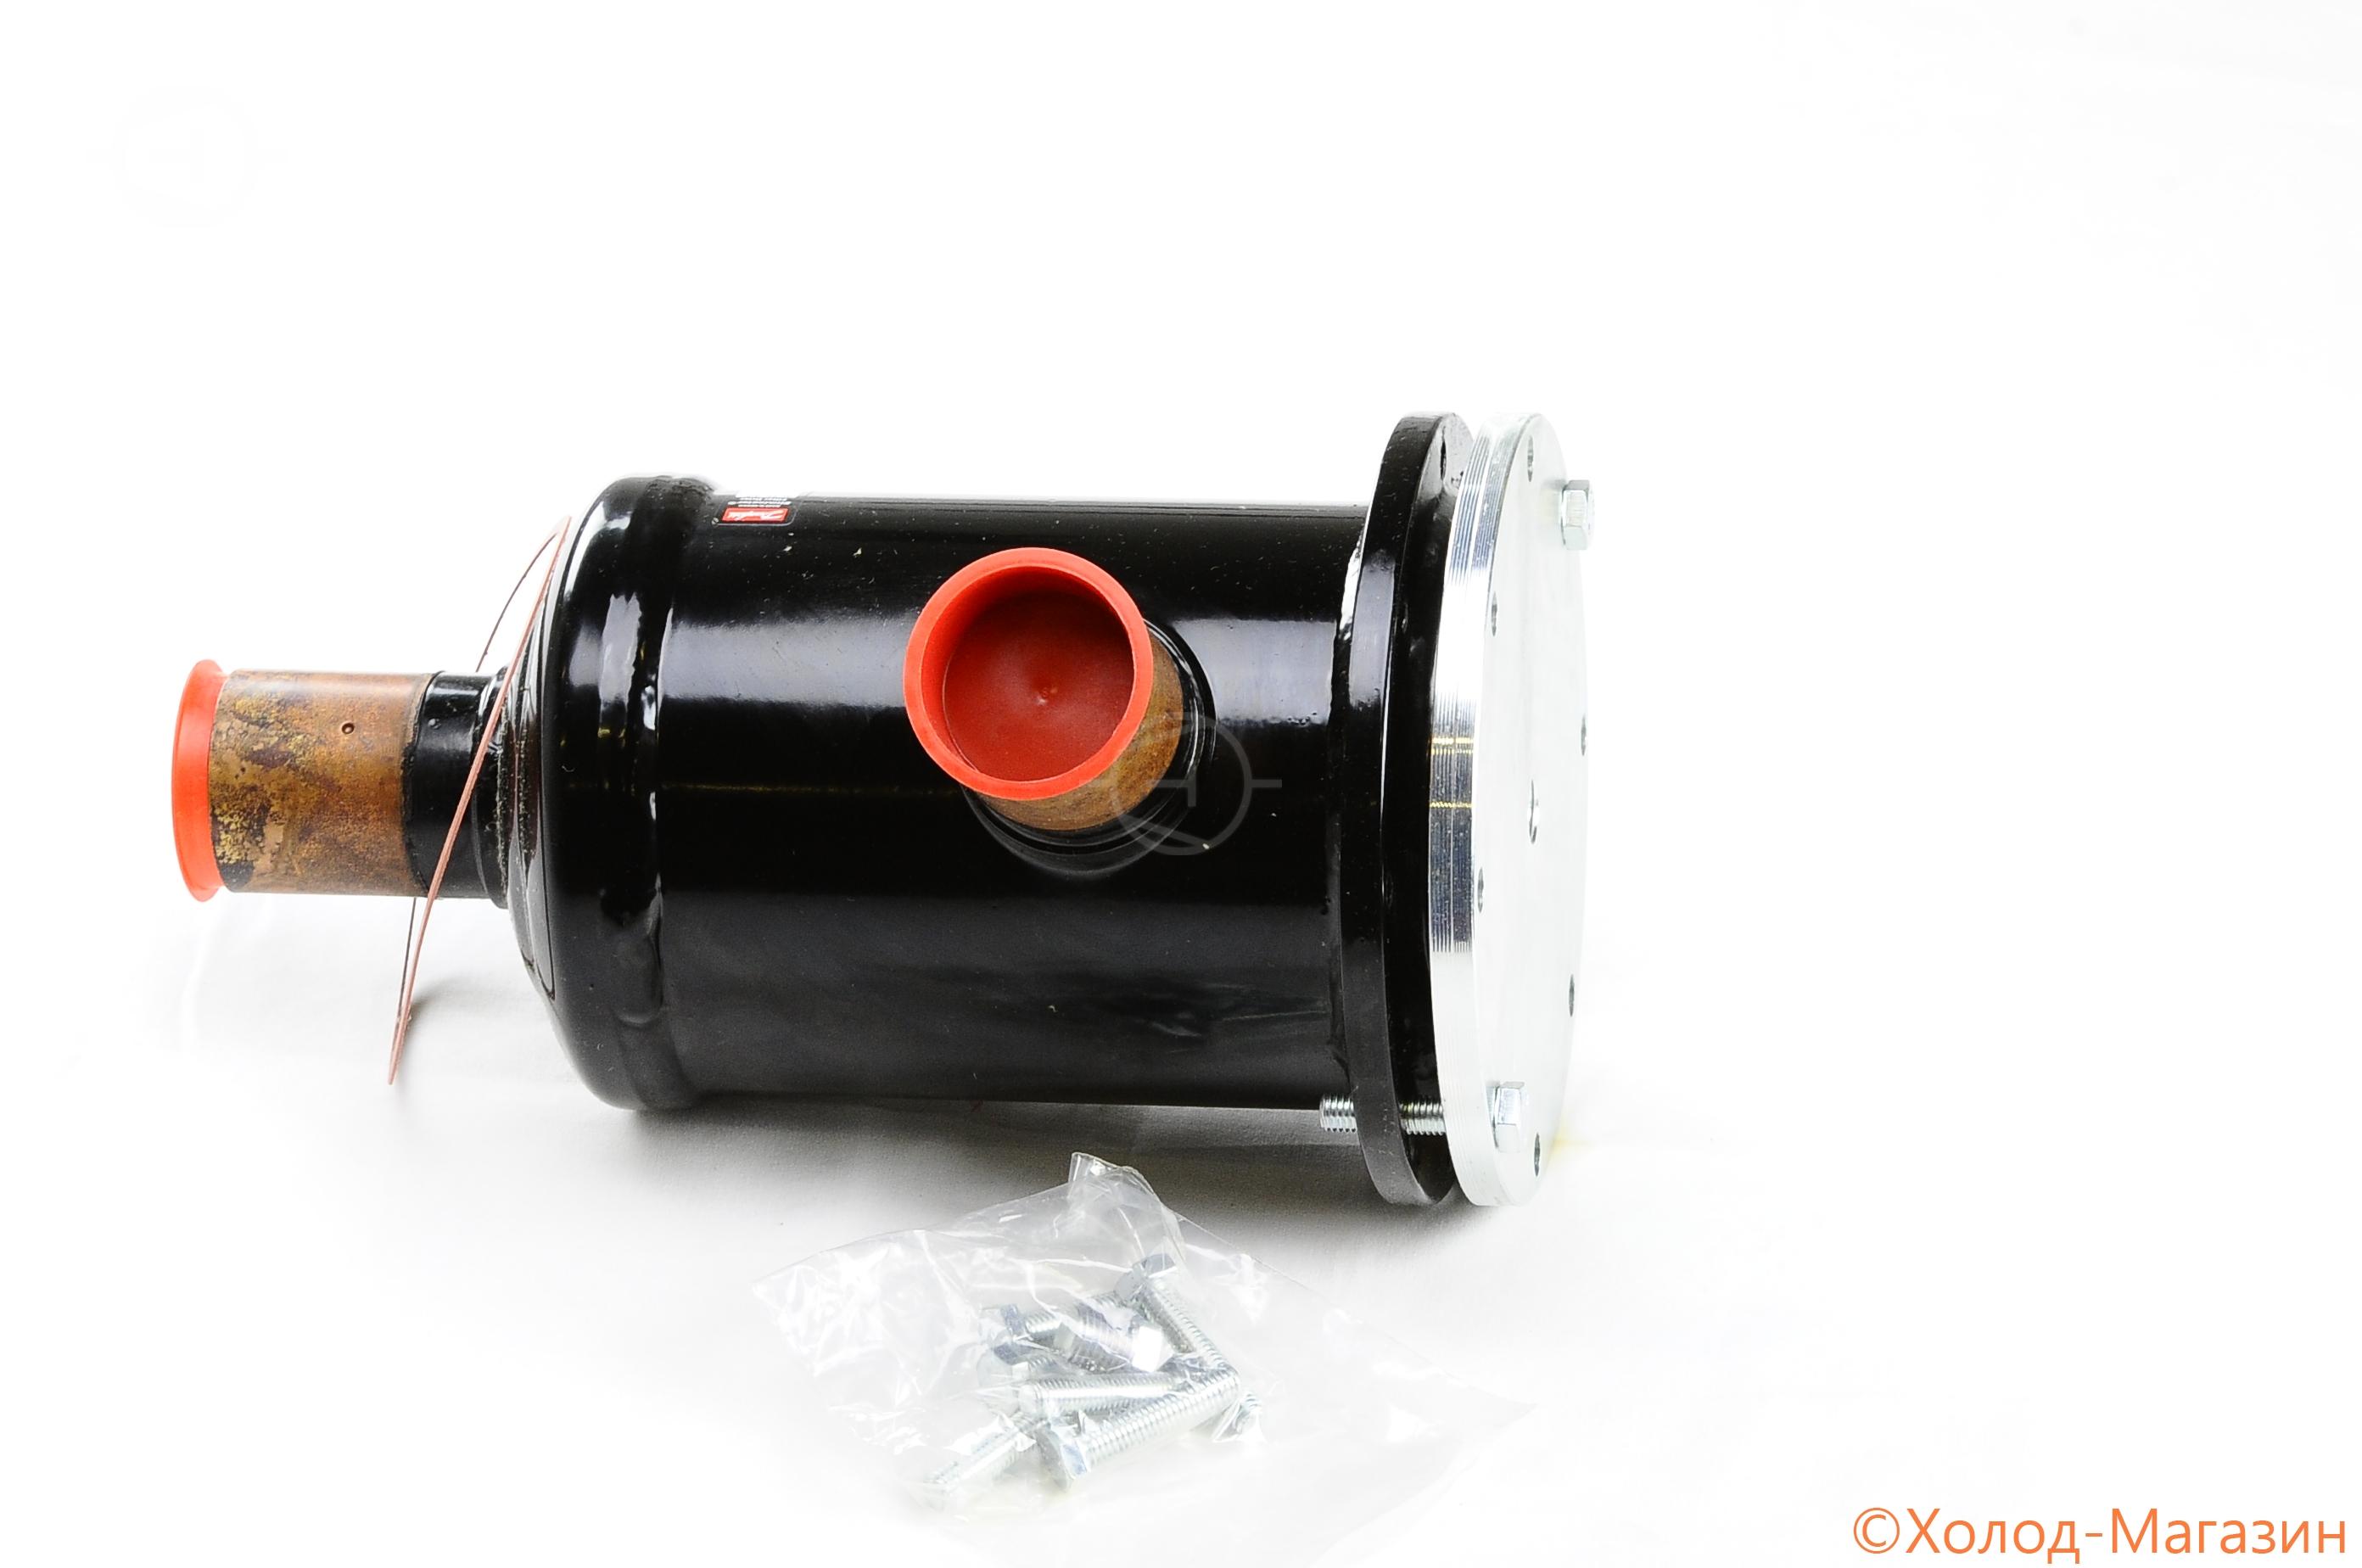 Фильтр разборный DCR D42 (42 мм) 48-1 04813s, Danfoss